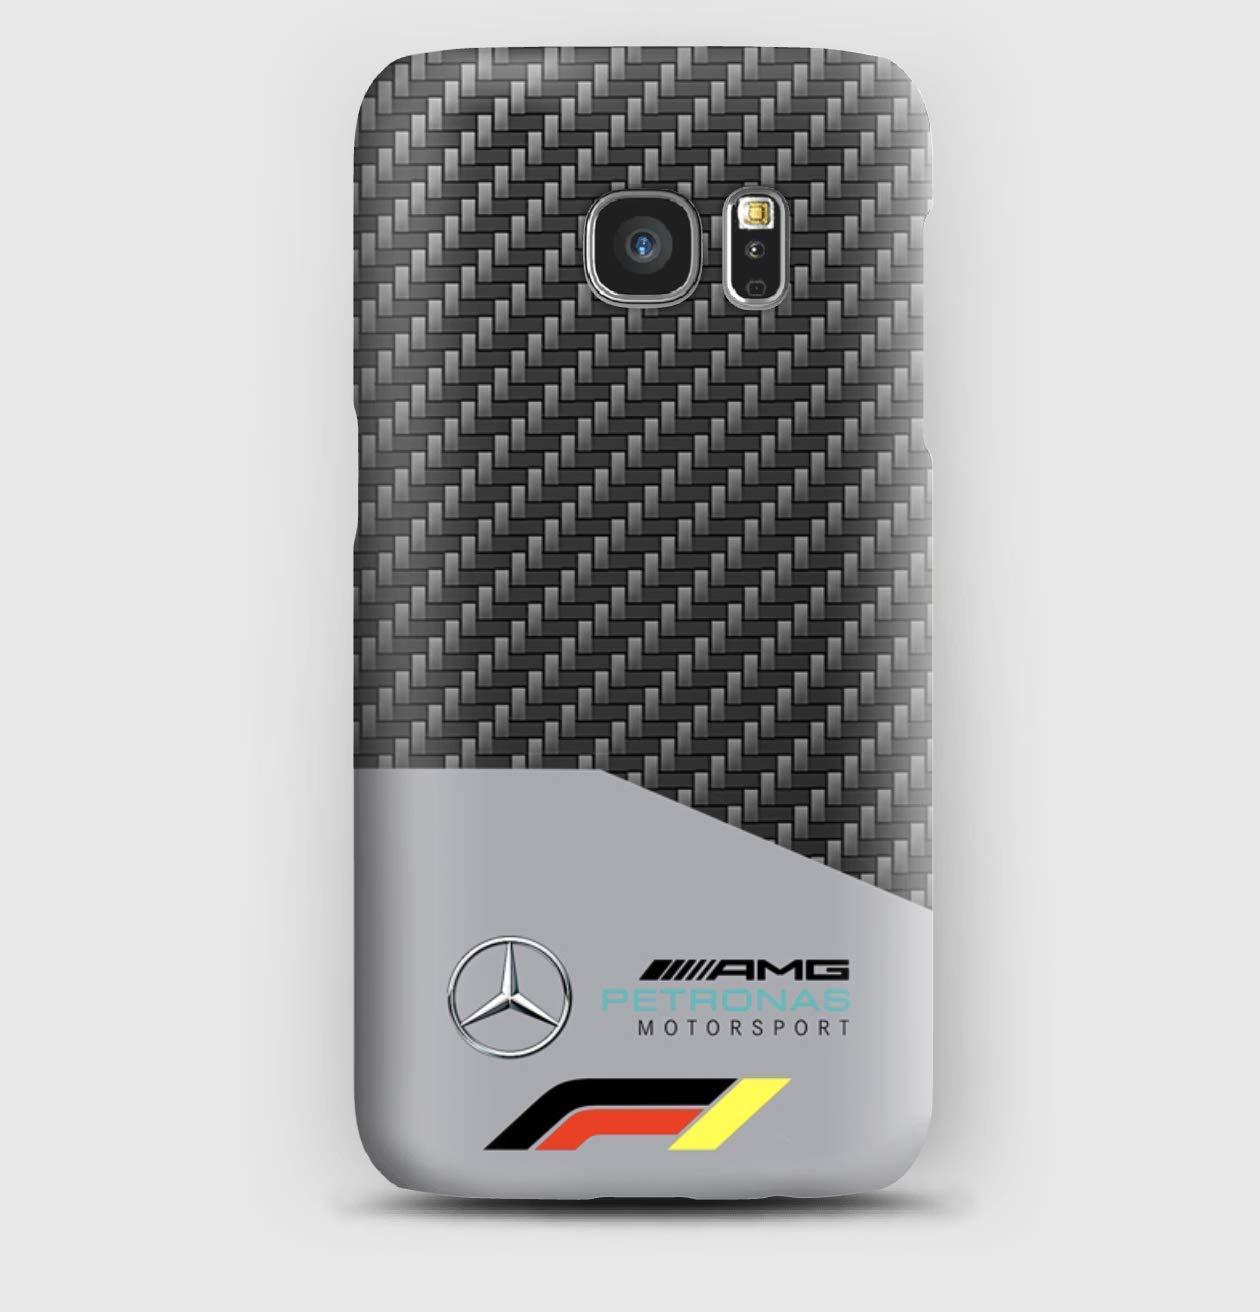 Carbon F1 Mercedes coque pour Samsung S6, S7, S8, S9, A3, A5, A7,A8, J3, J5, Note 4, 5, 8,9, Grand prime,